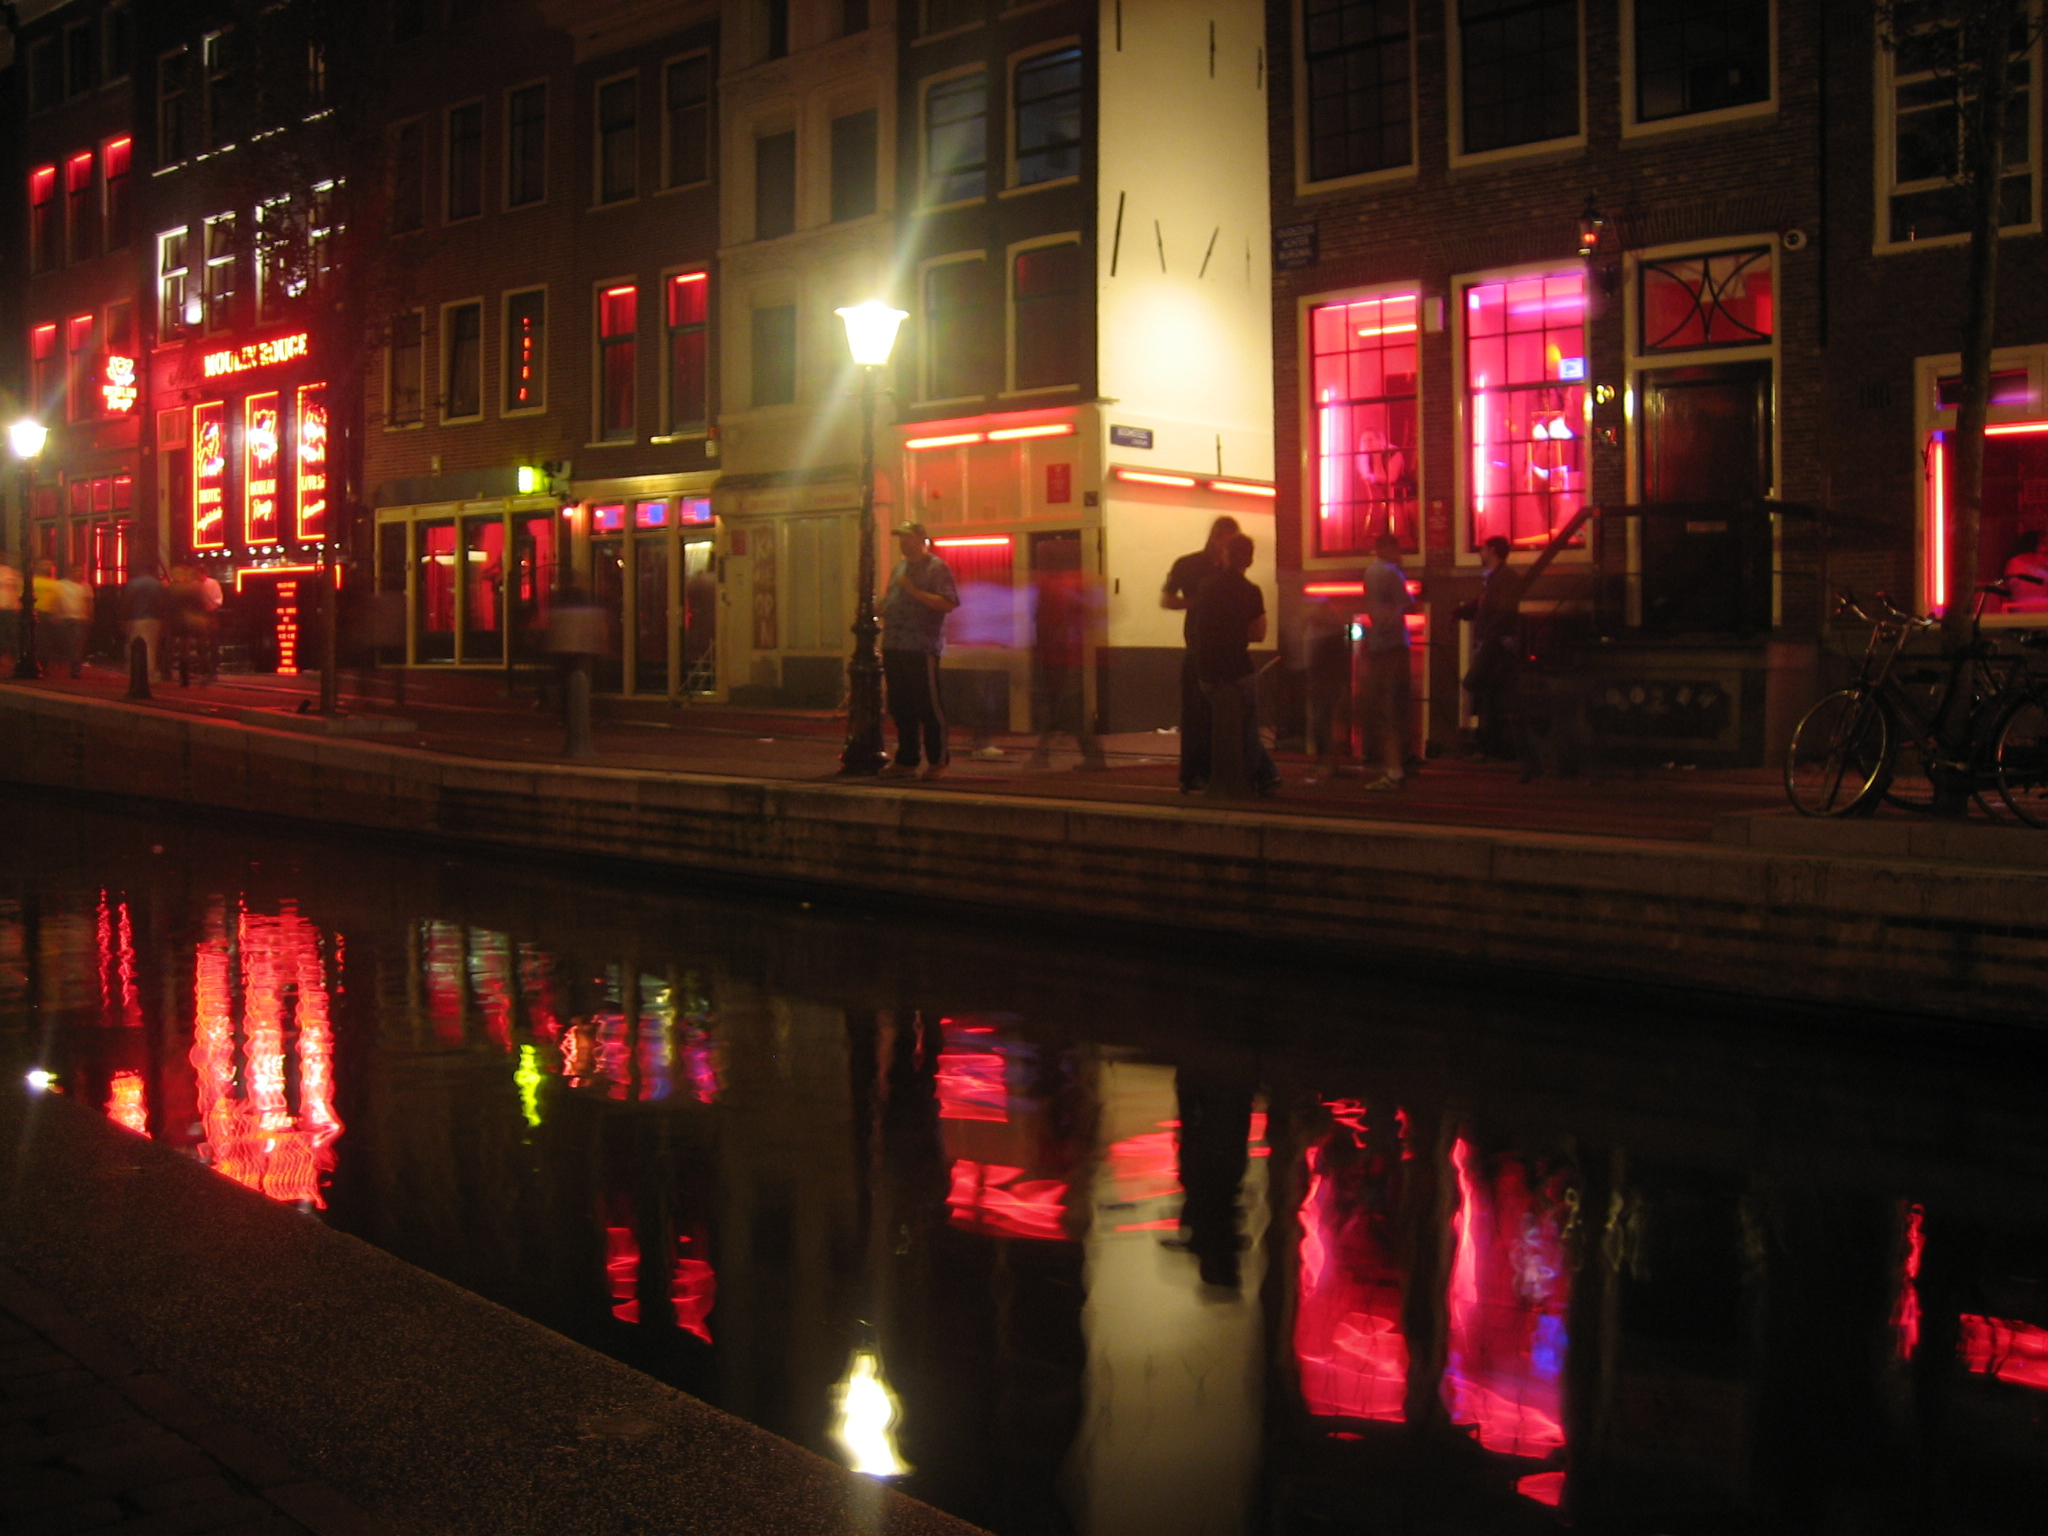 Секс бесплатно без регистрации улица красных фонарей 16 фотография